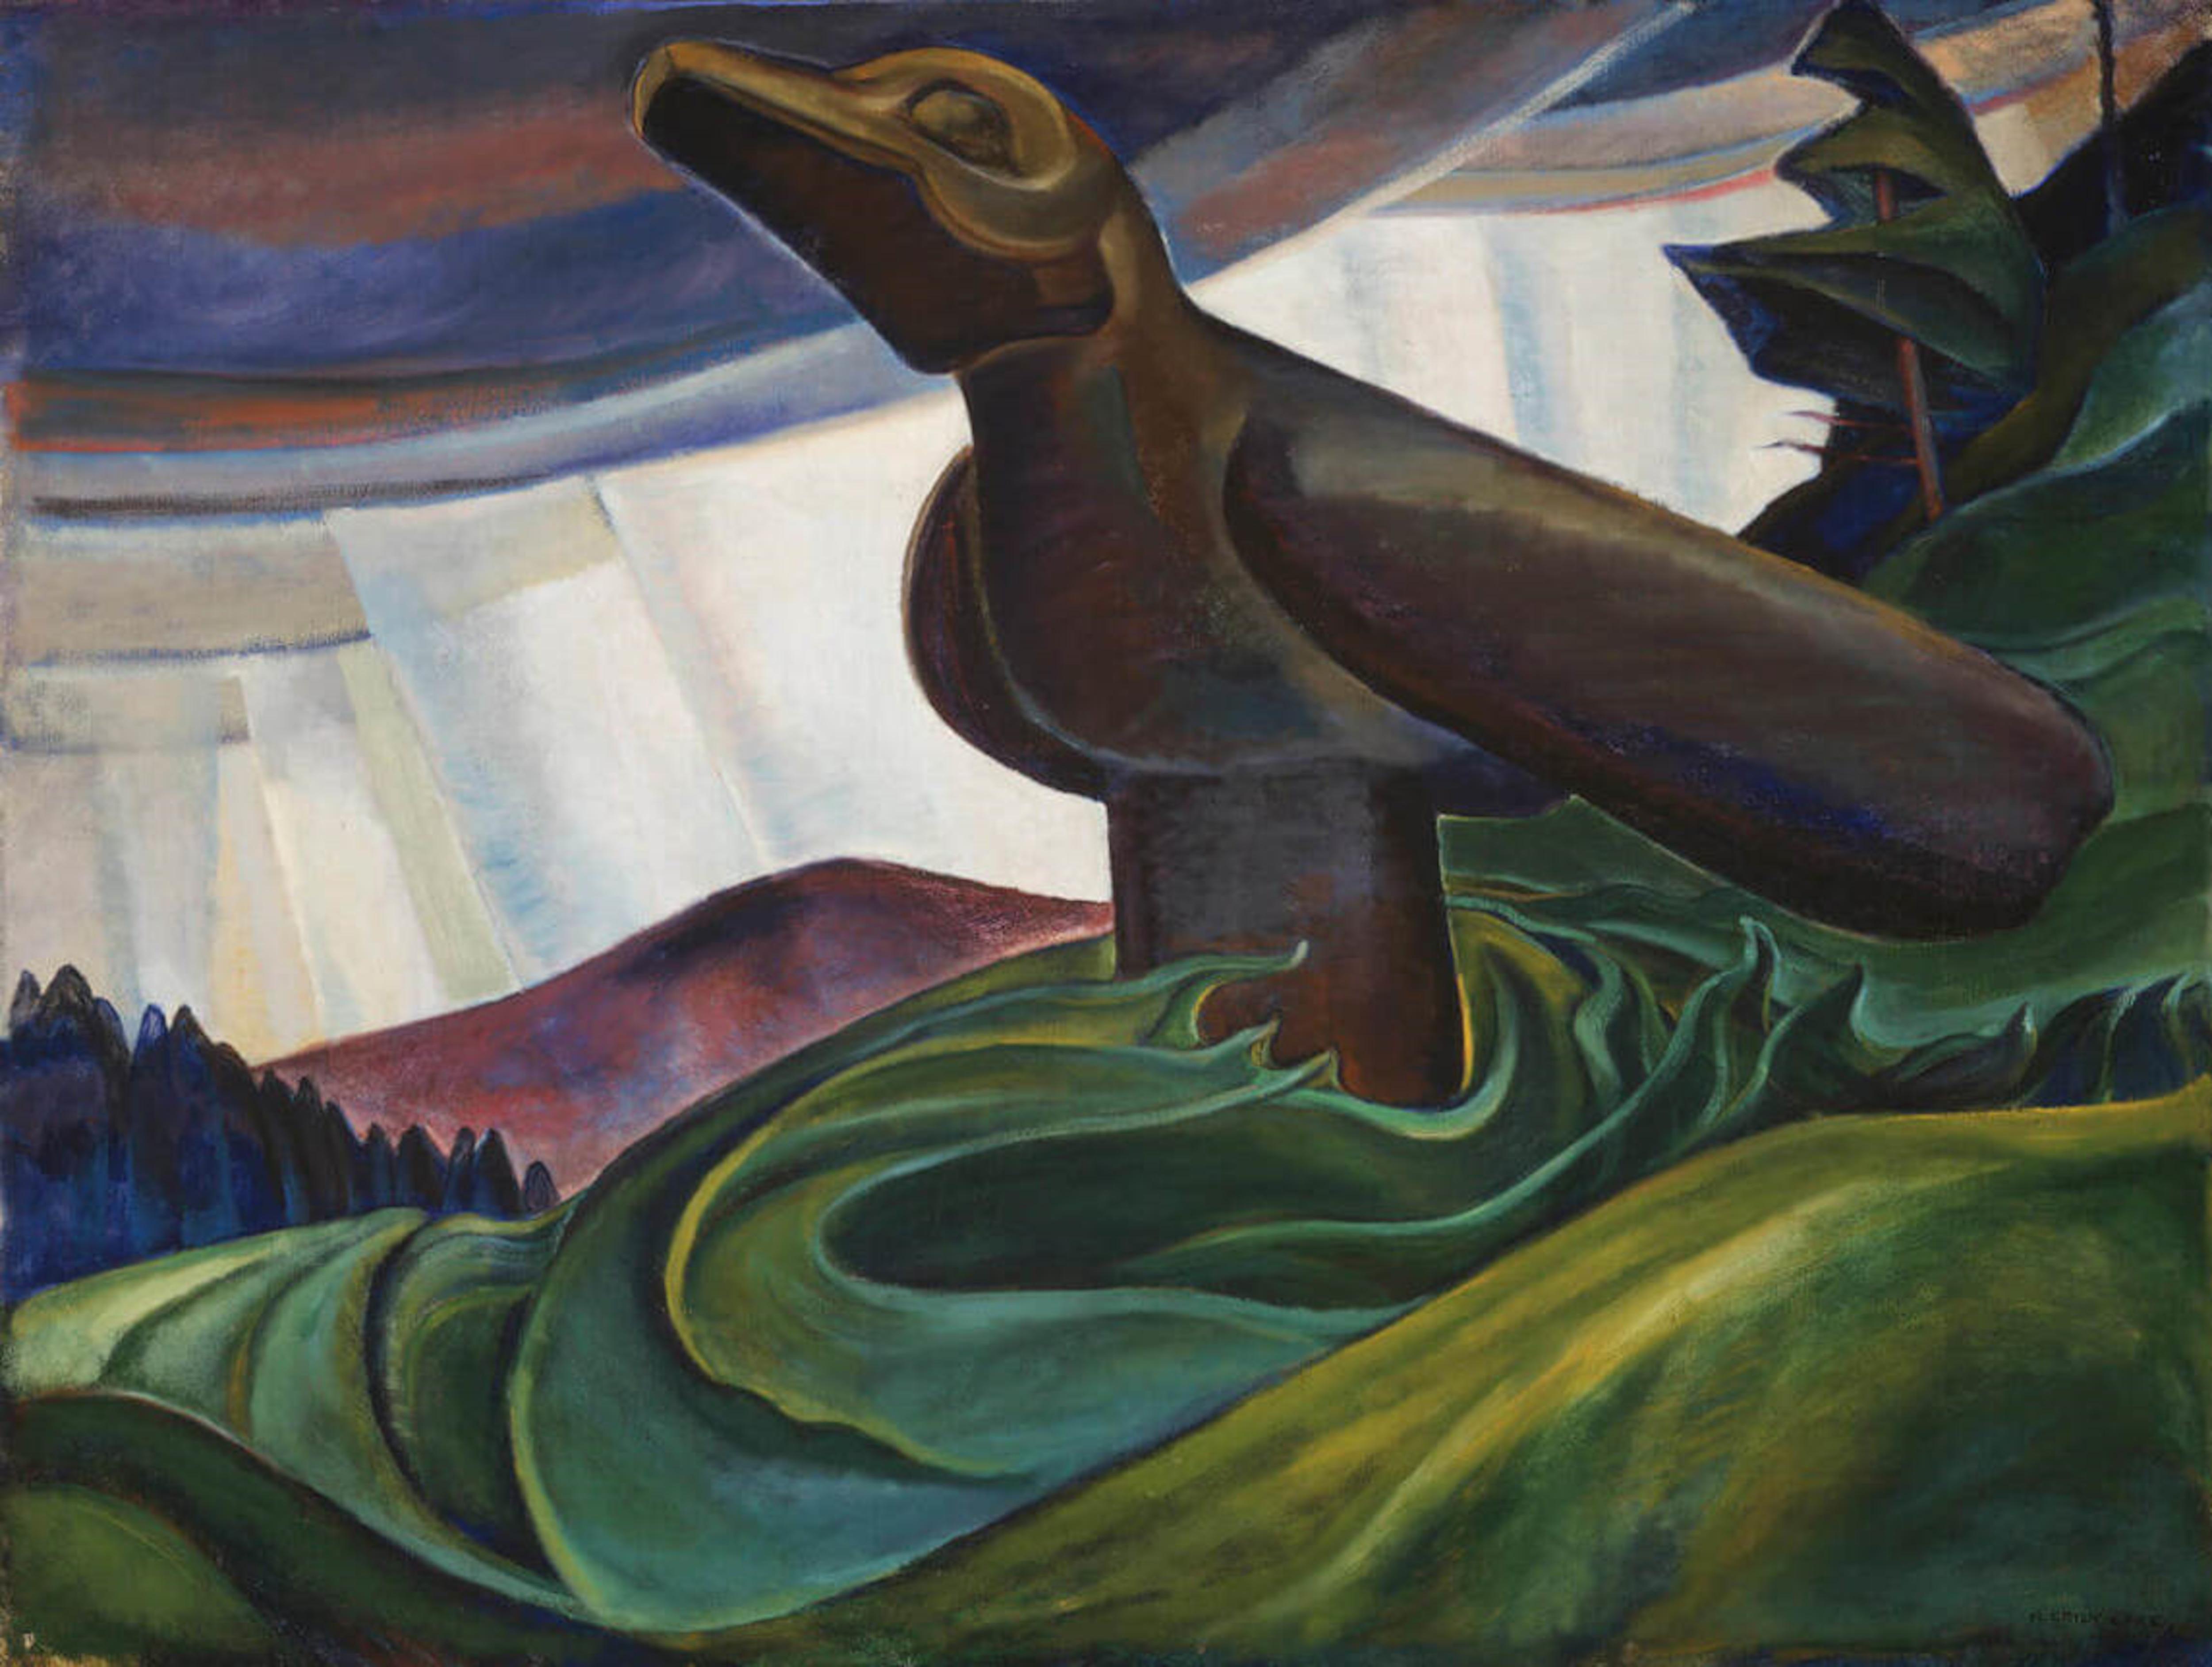 Big Raven, une toile d'Emily Carr montrant un totem de corbeau